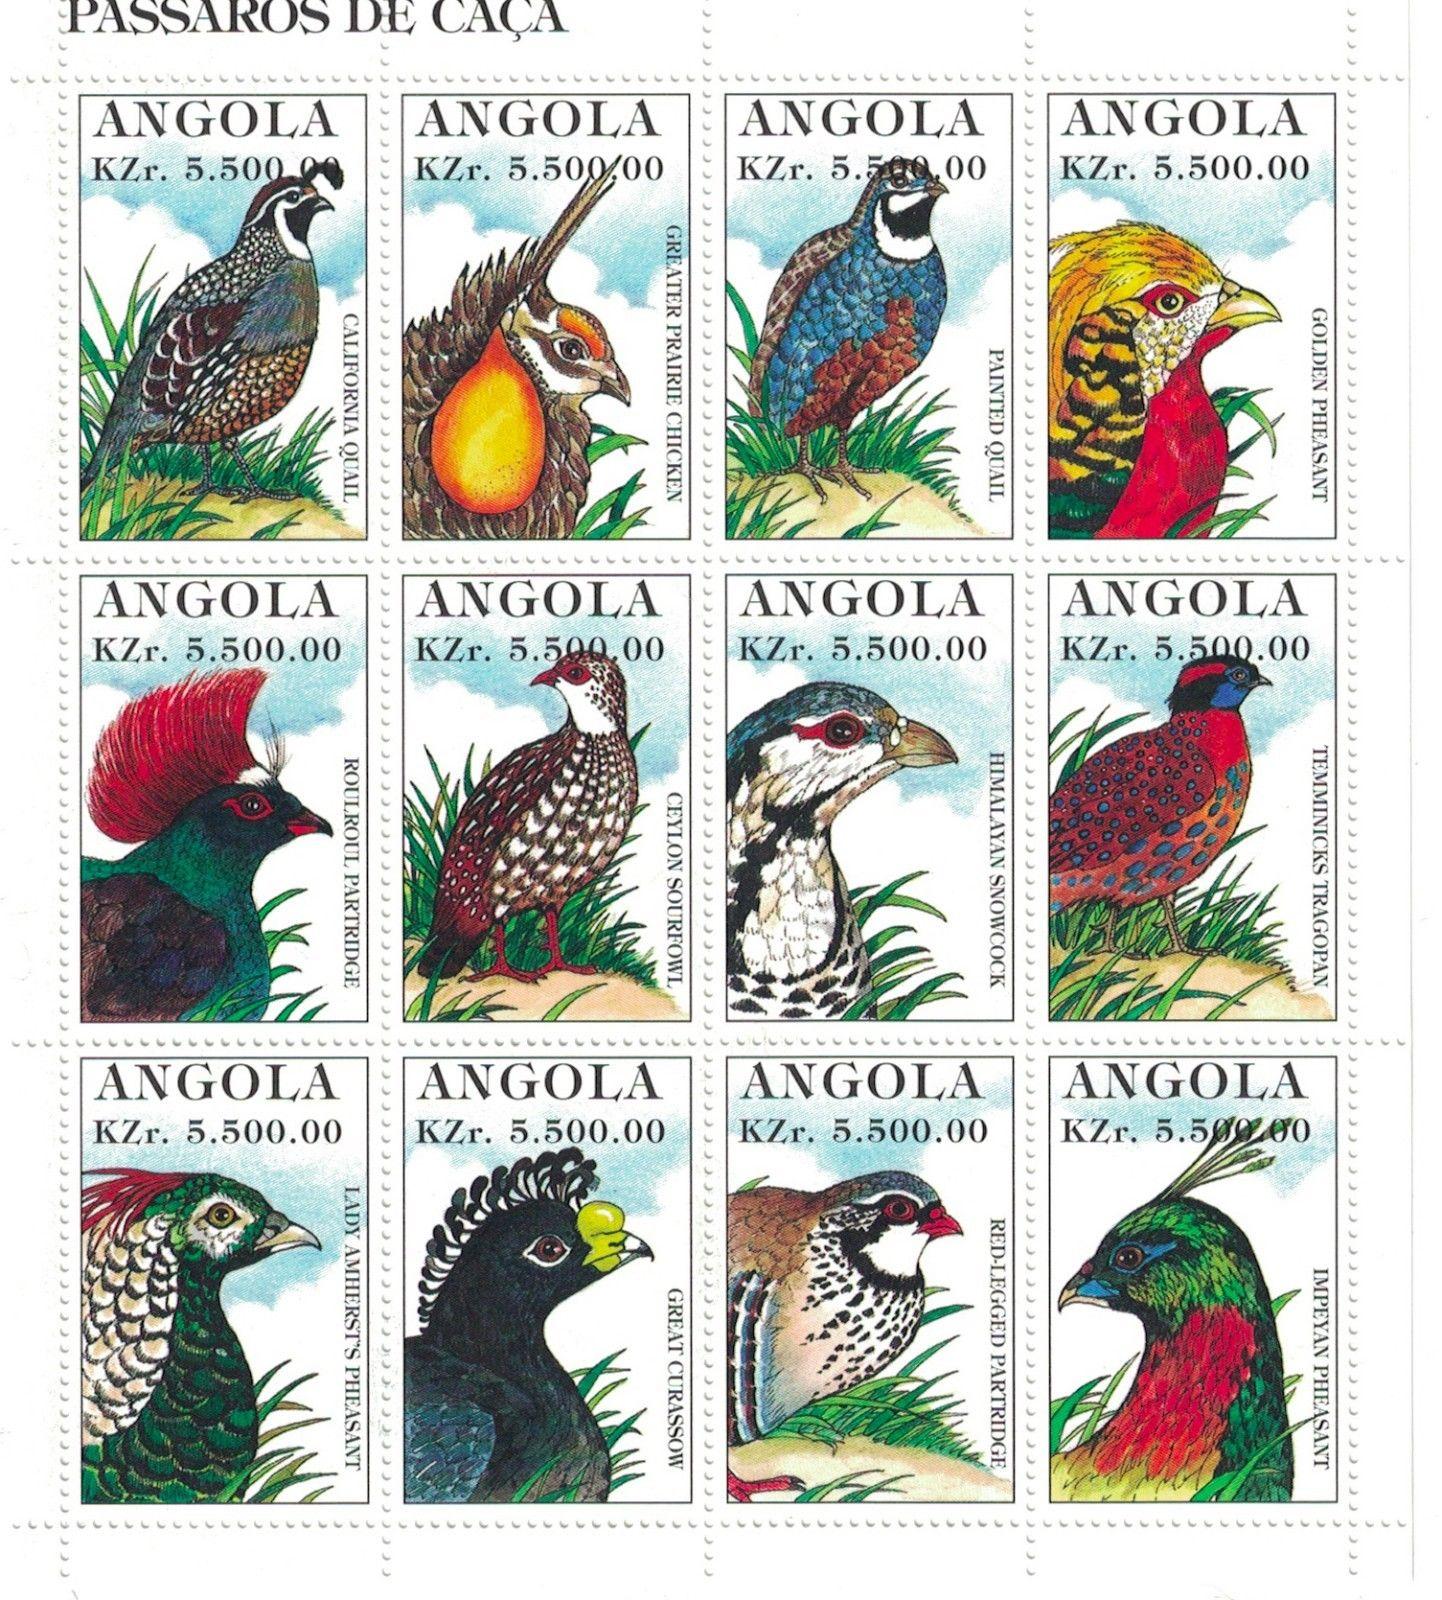 Angola 1996 Hunting Birds Sa.jpg